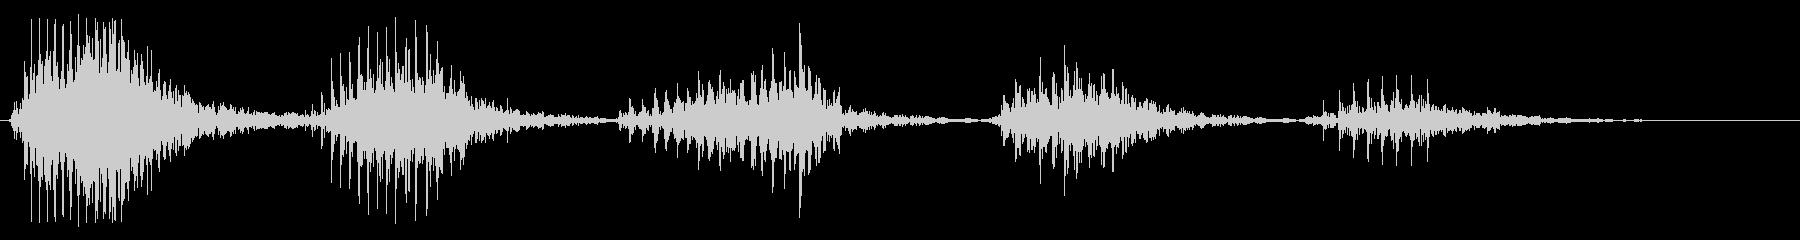 笑い声(低音、男性)の未再生の波形